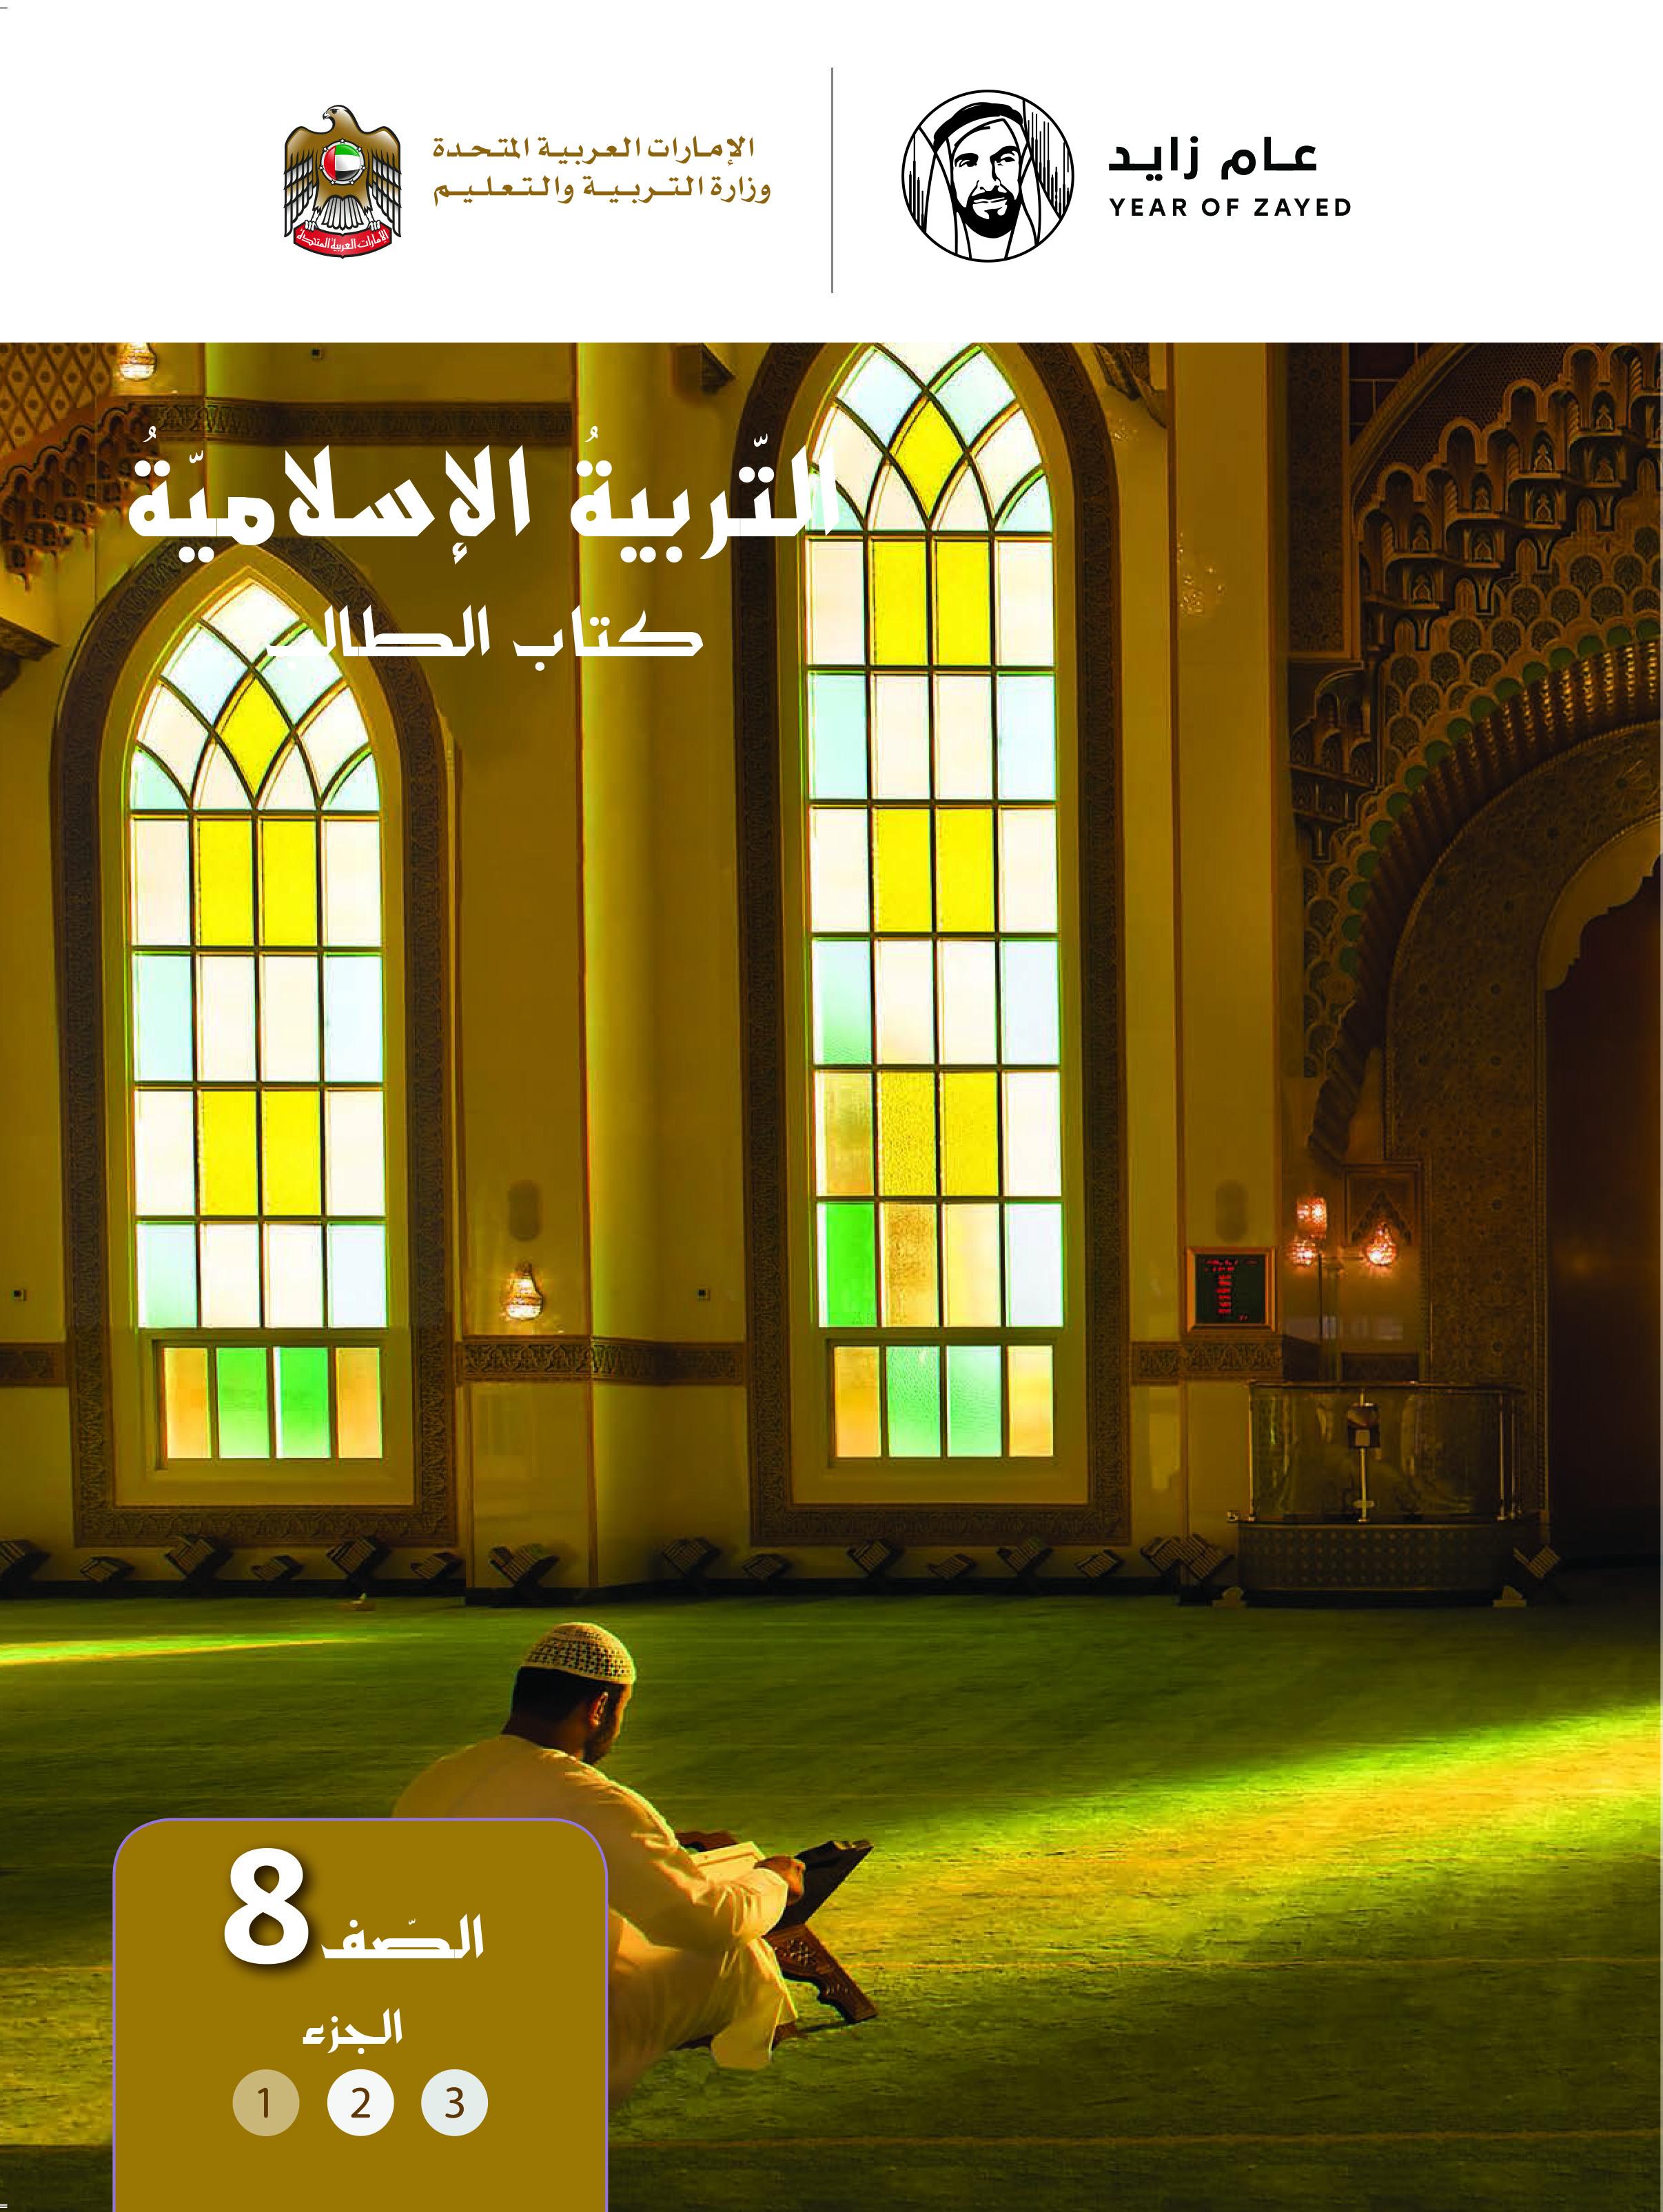 التربية الإسلامية - كتاب الطالب - الصف الثامن - الجزء الأول